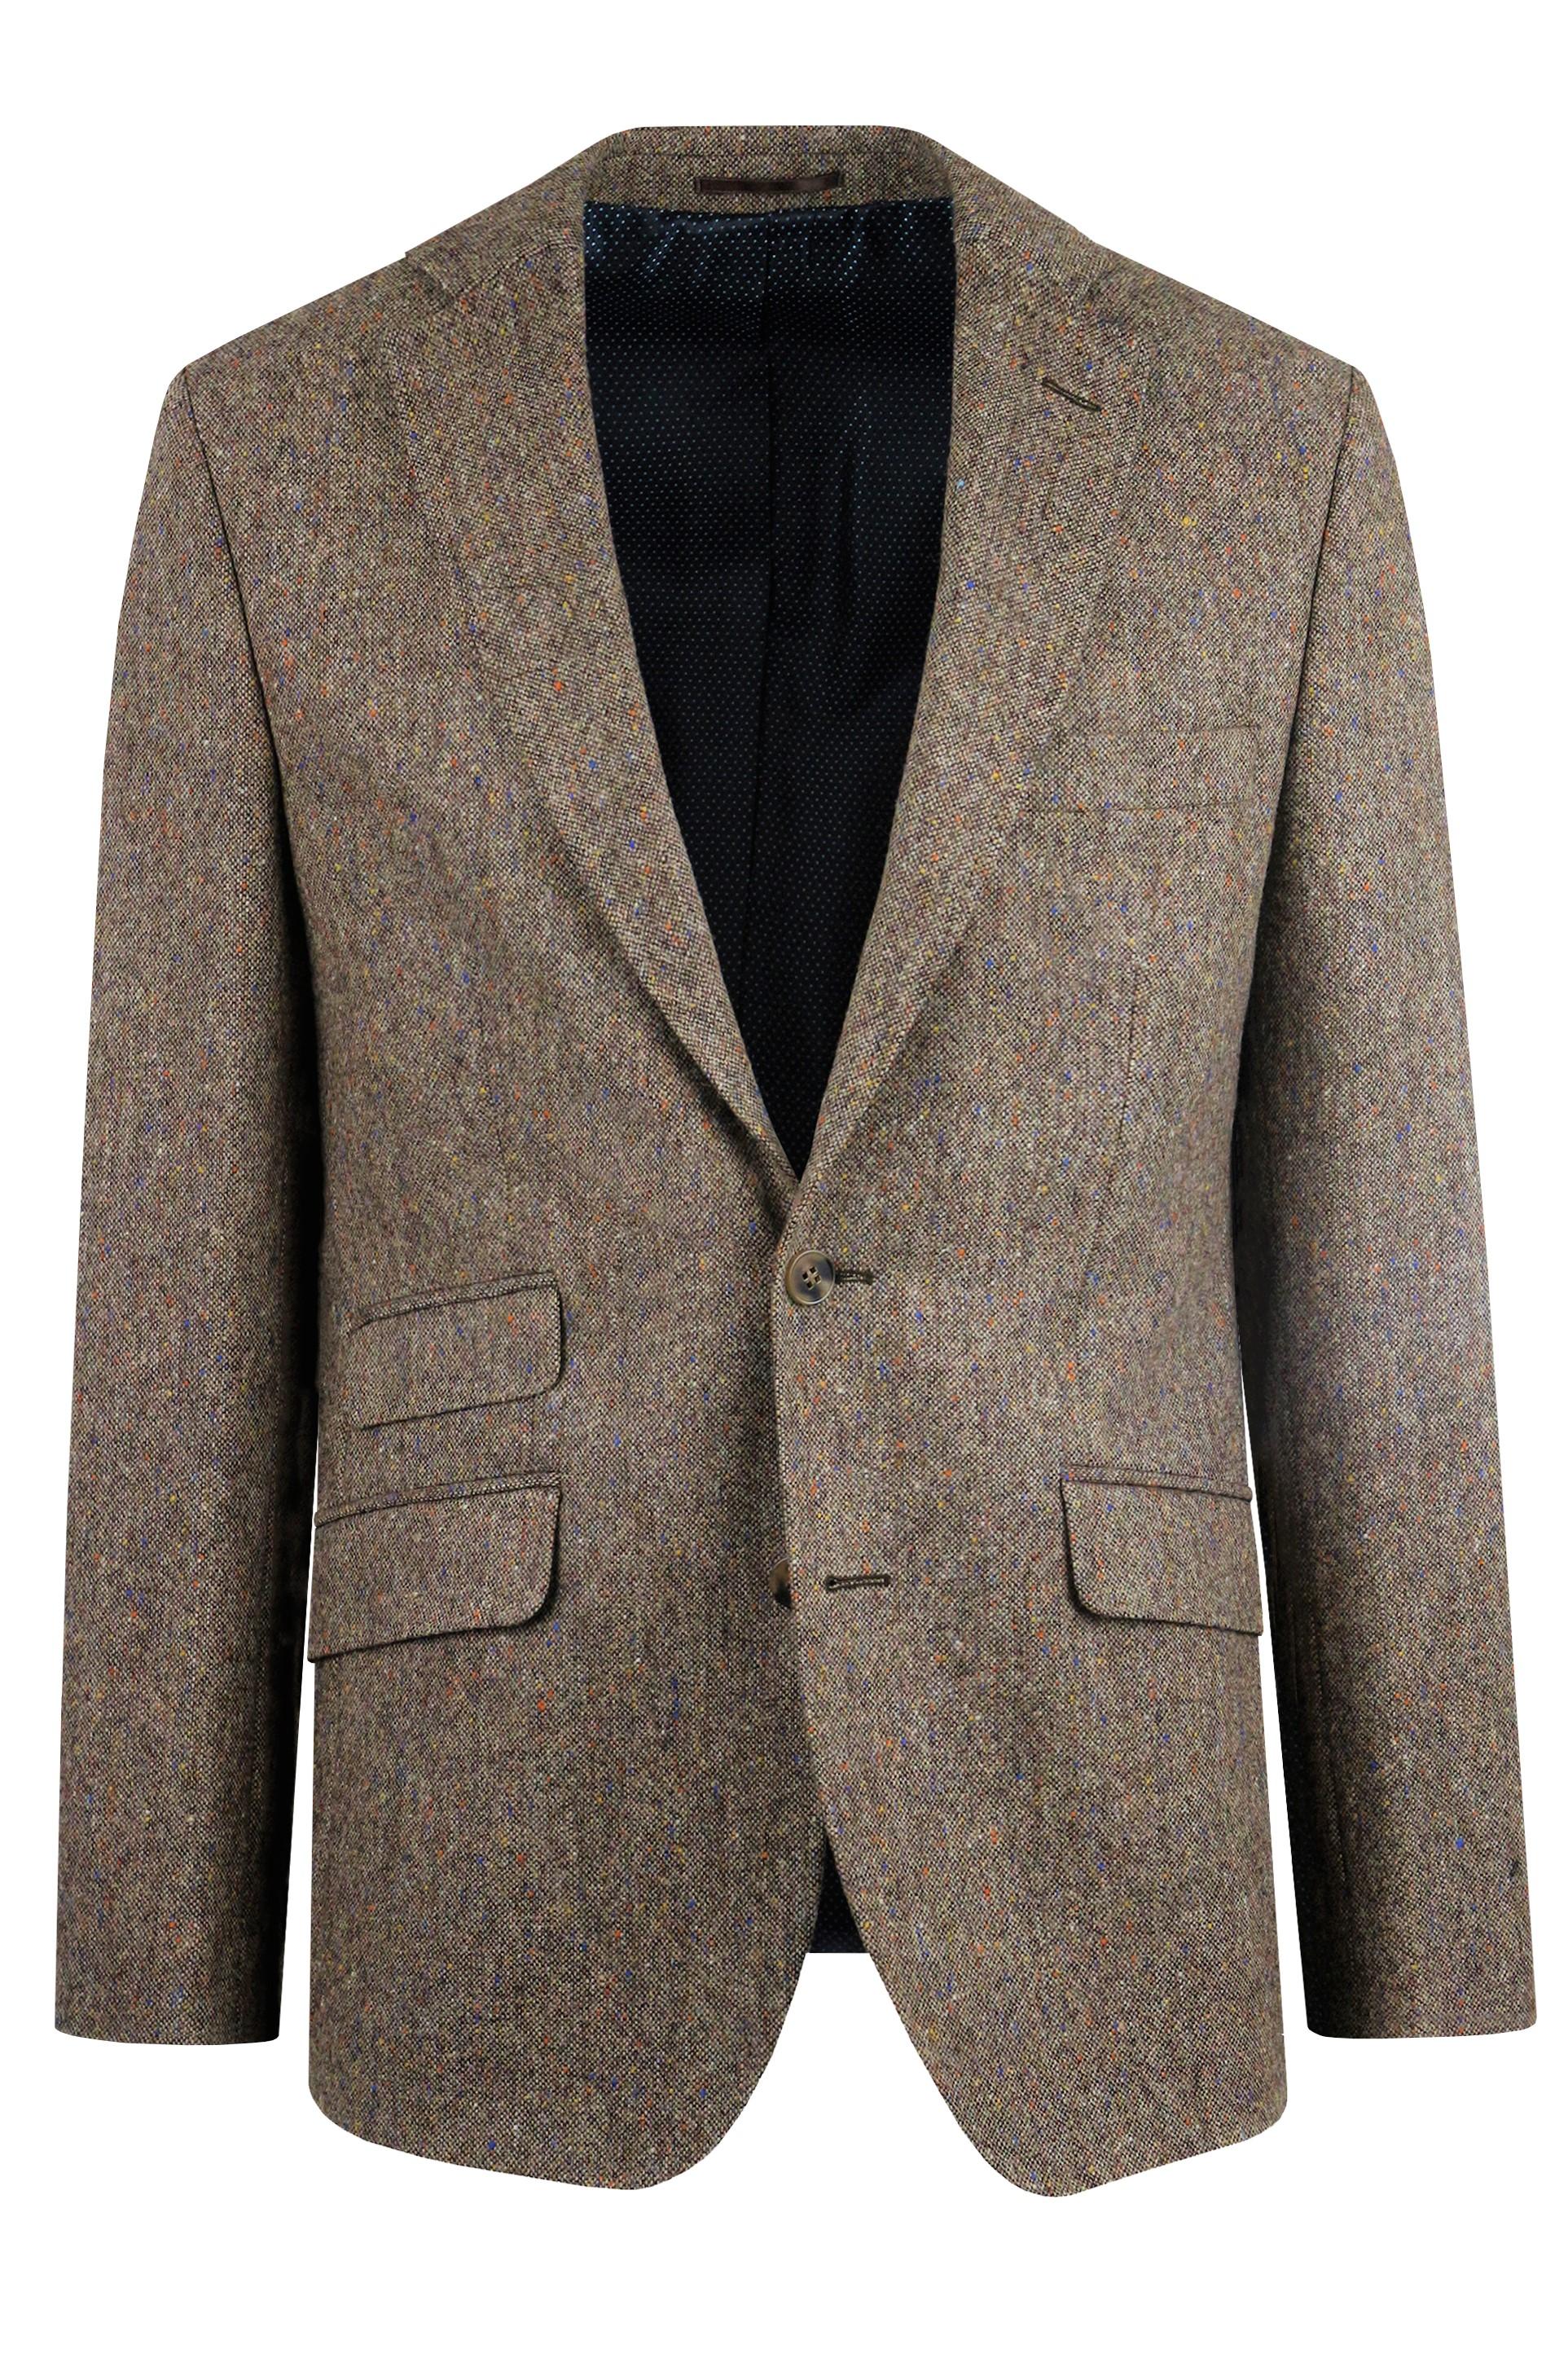 Brown Donegal Tweed Suit Jacket